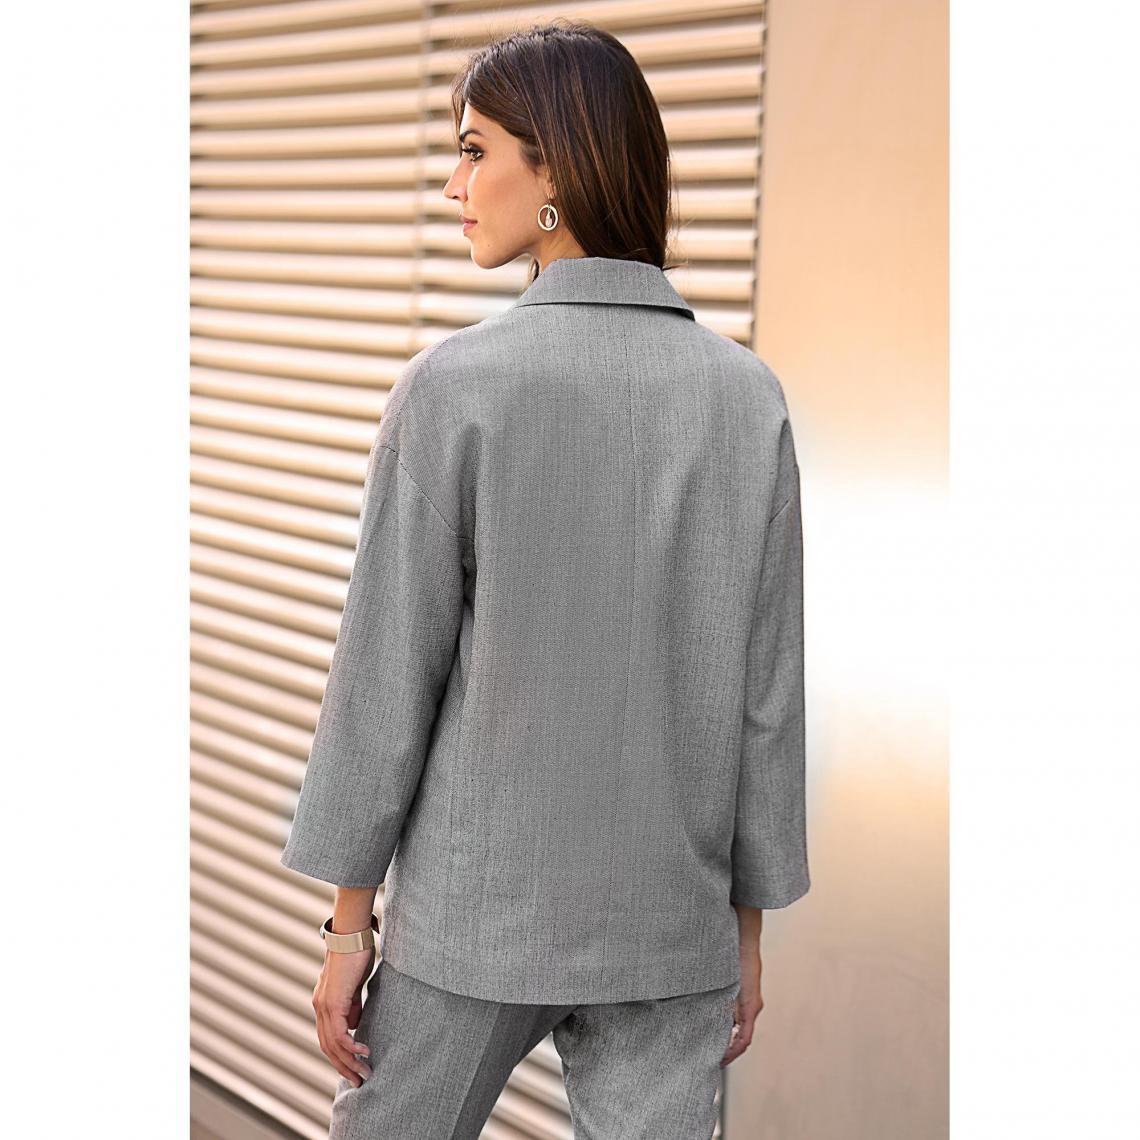 d88ed2191a13c Veste tailleur femme Exclusivité 3SUISSES - Gris   3Suisses